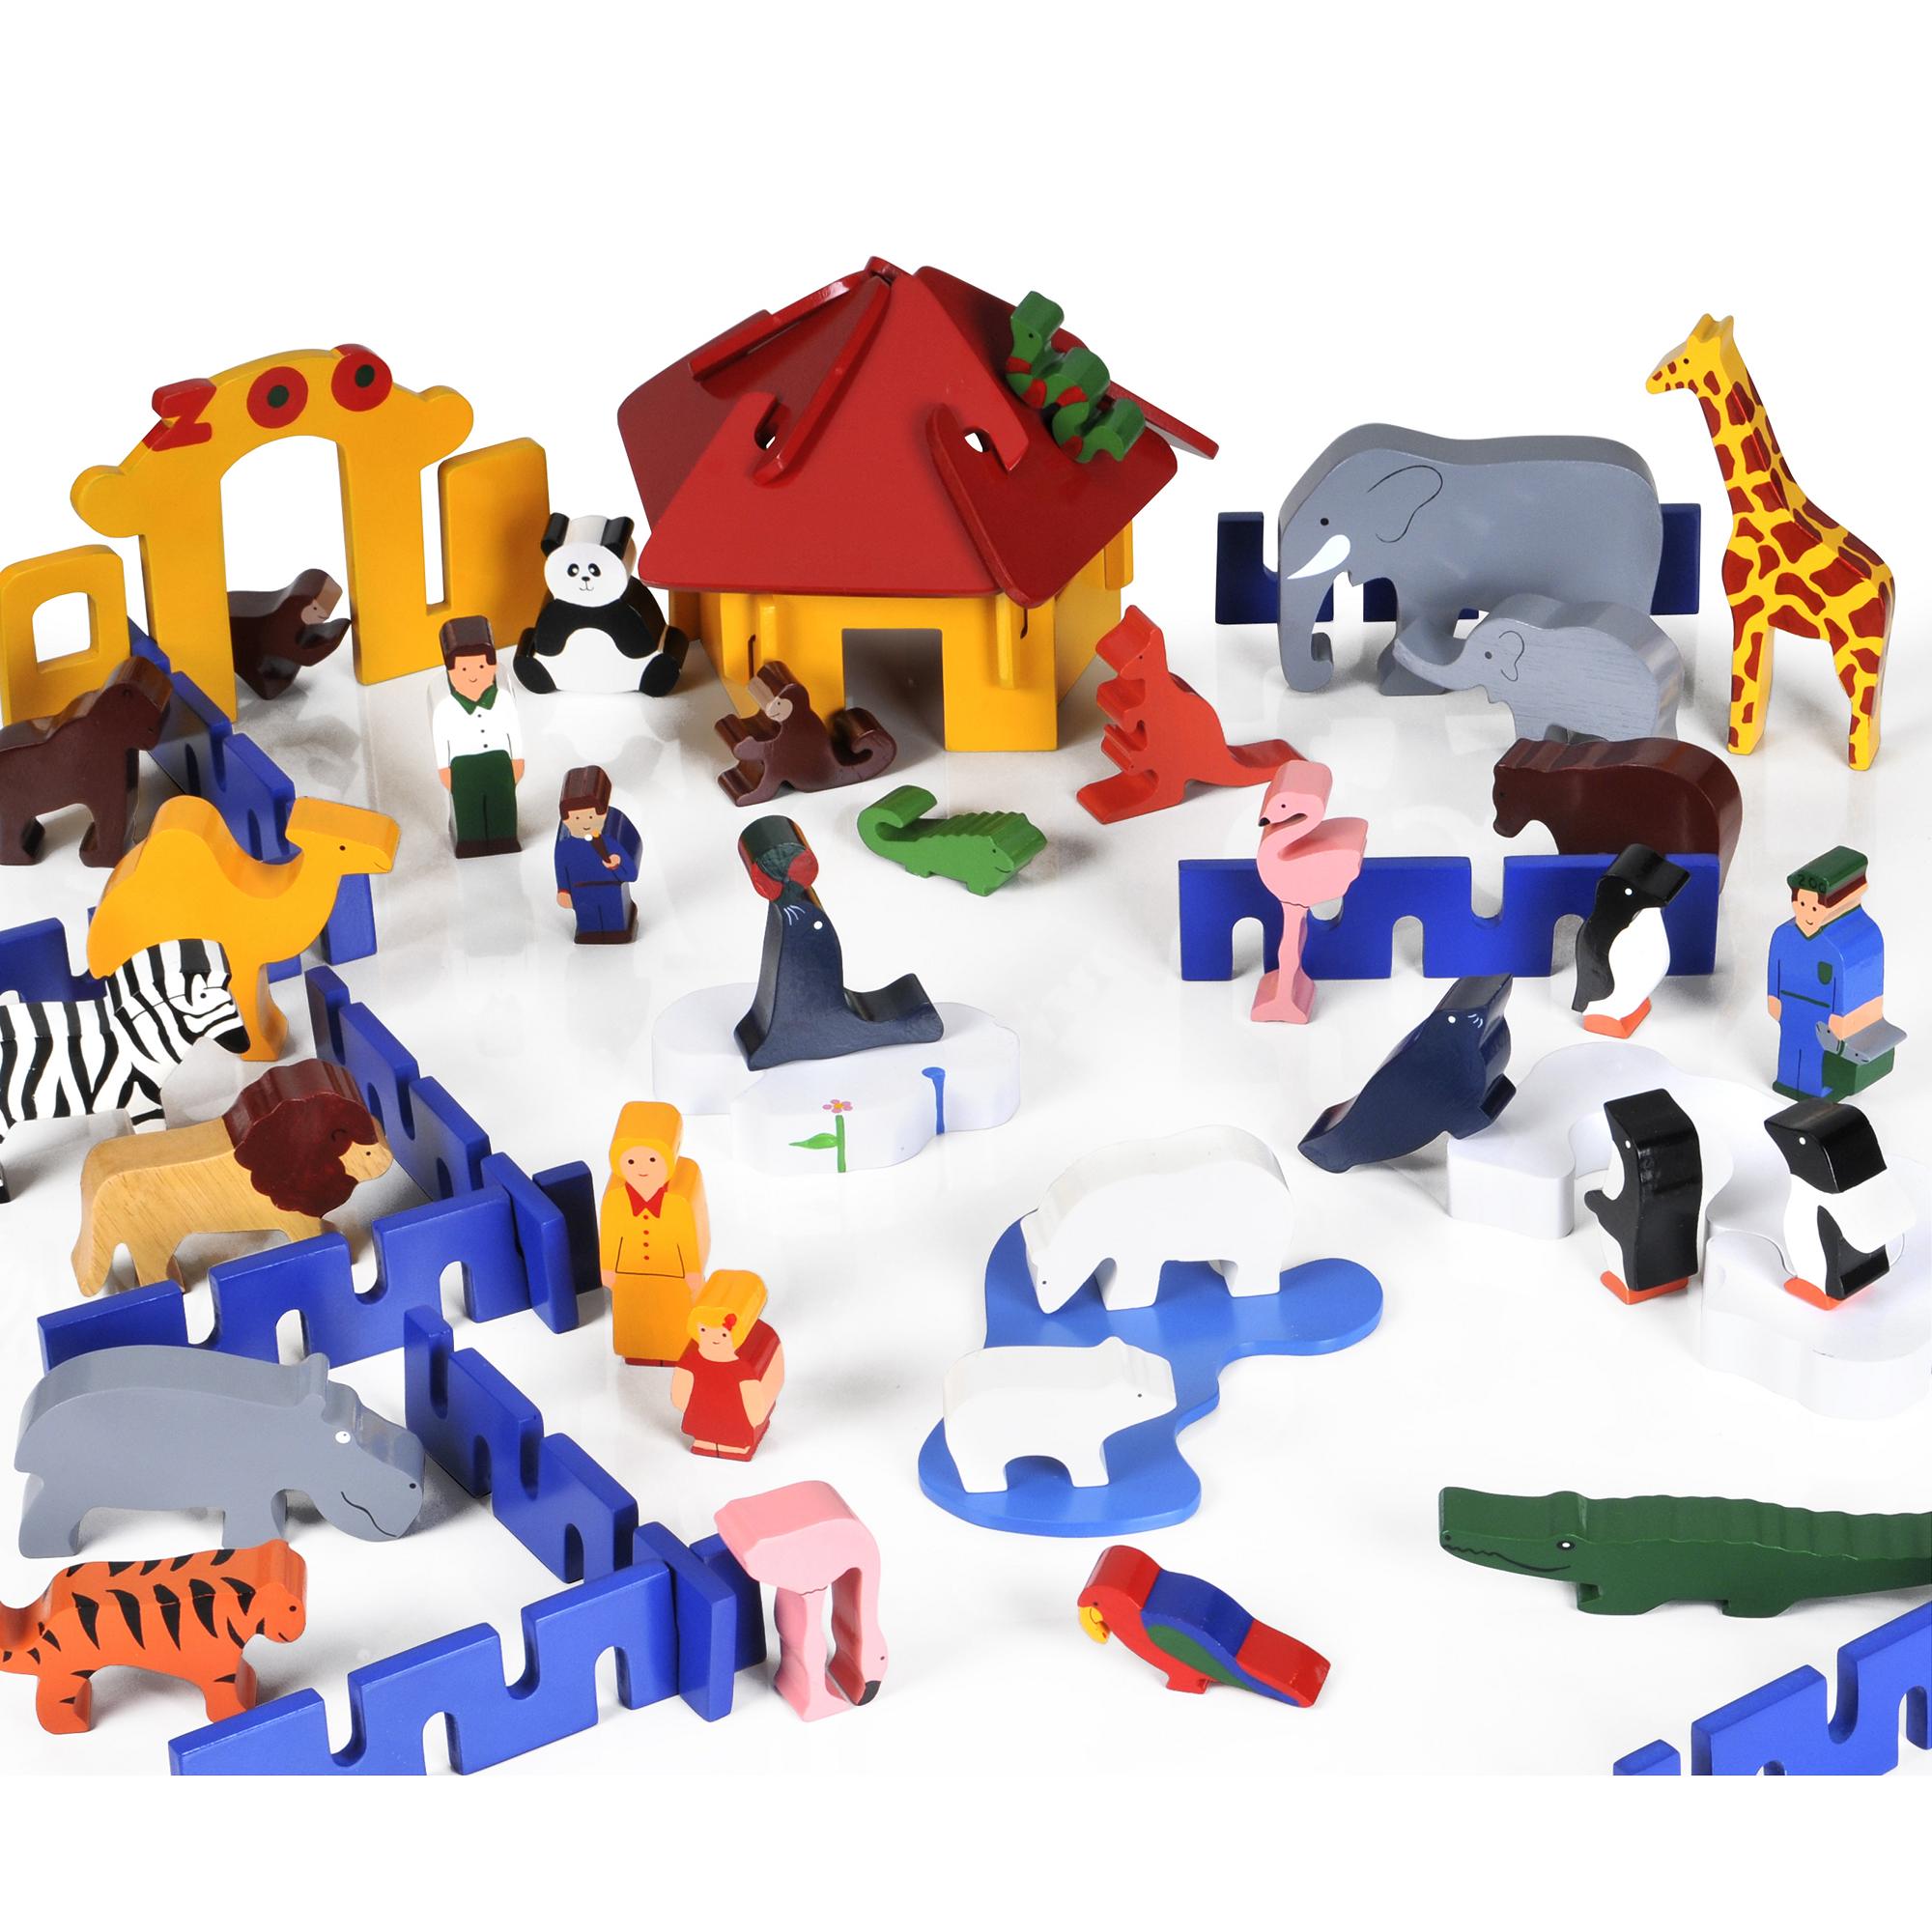 Giant Wooden Zoo